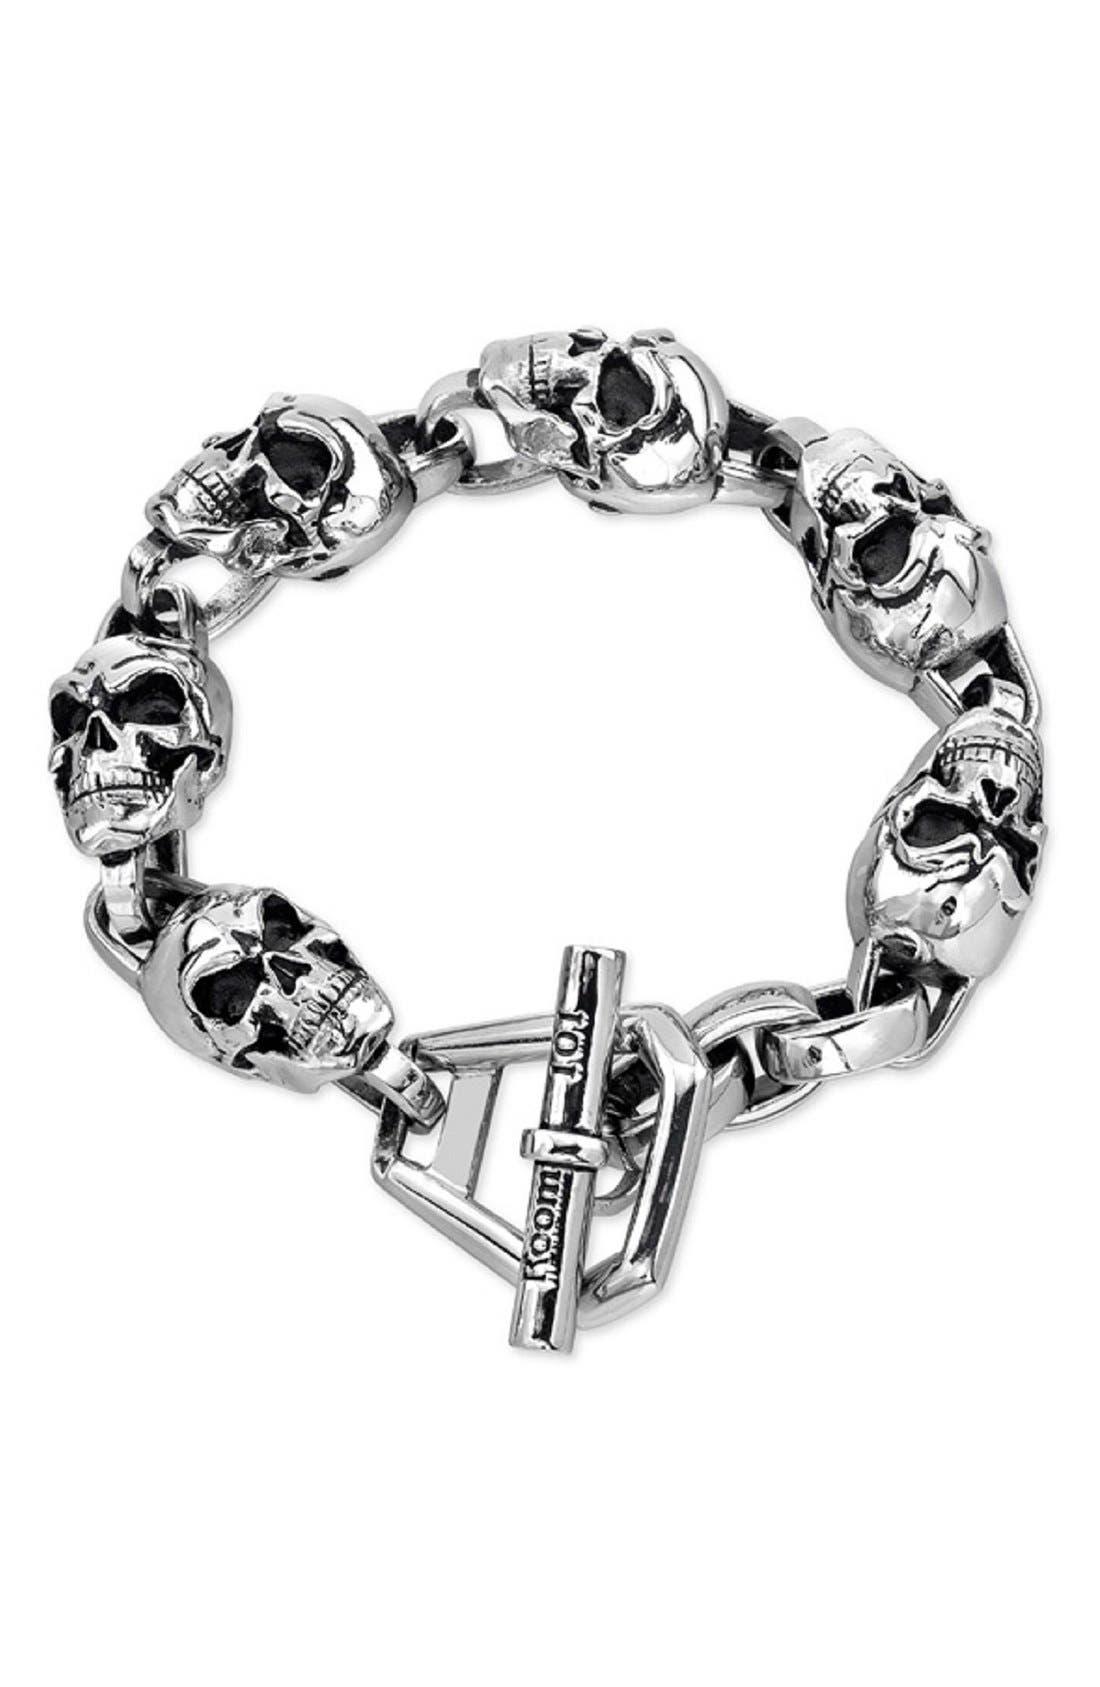 ROOM101 Skull Bracelet